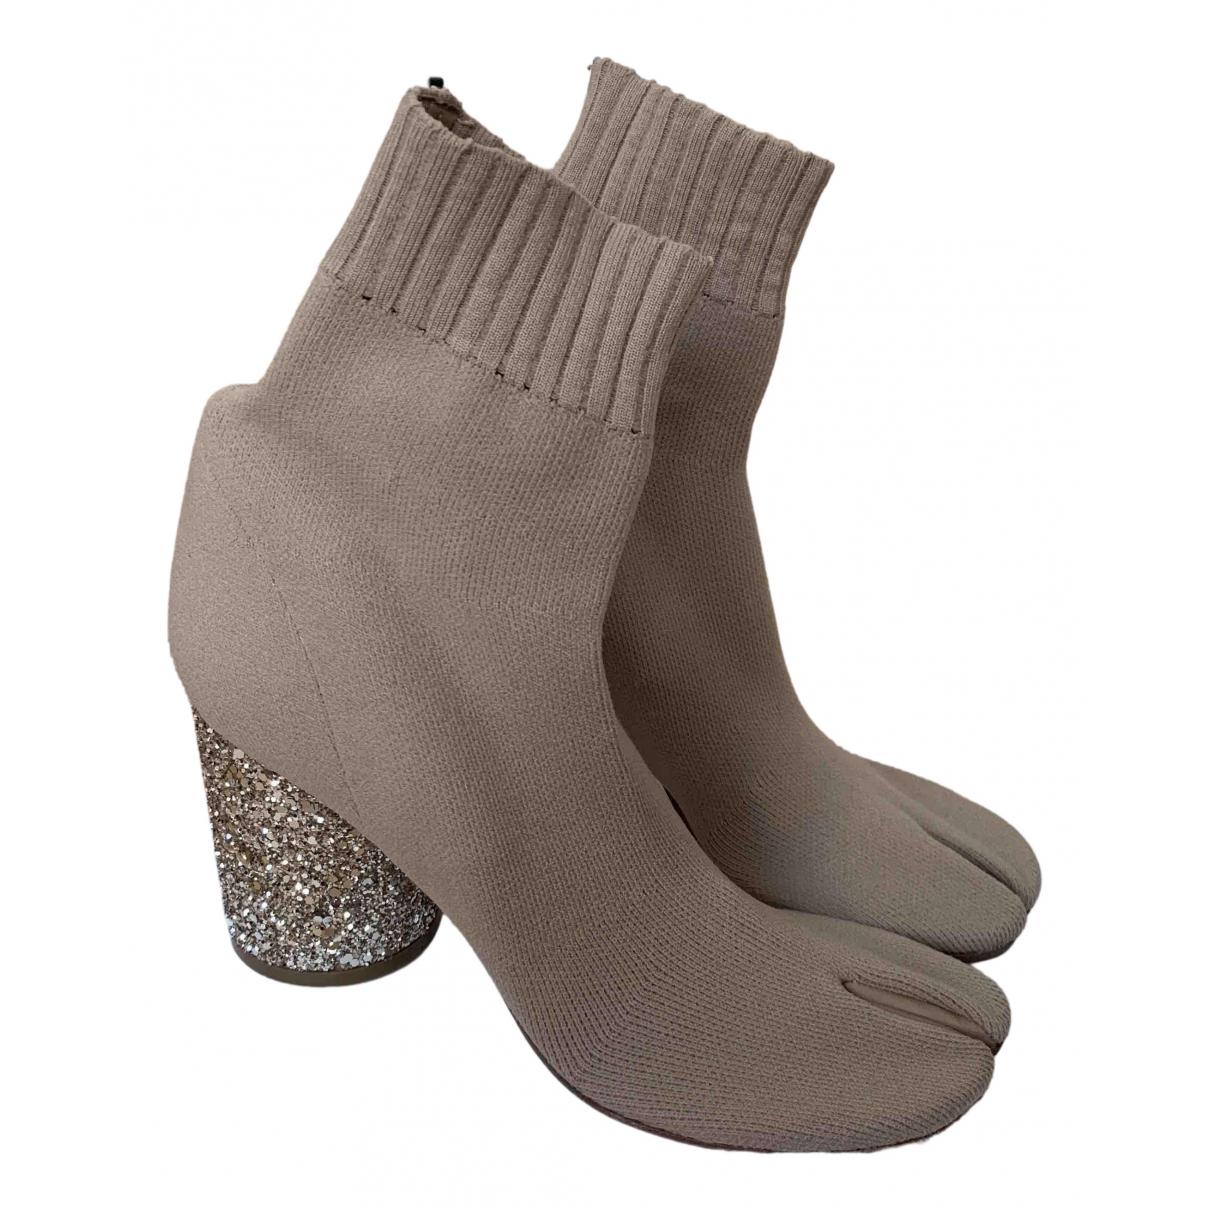 Maison Martin Margiela - Boots   pour femme - beige